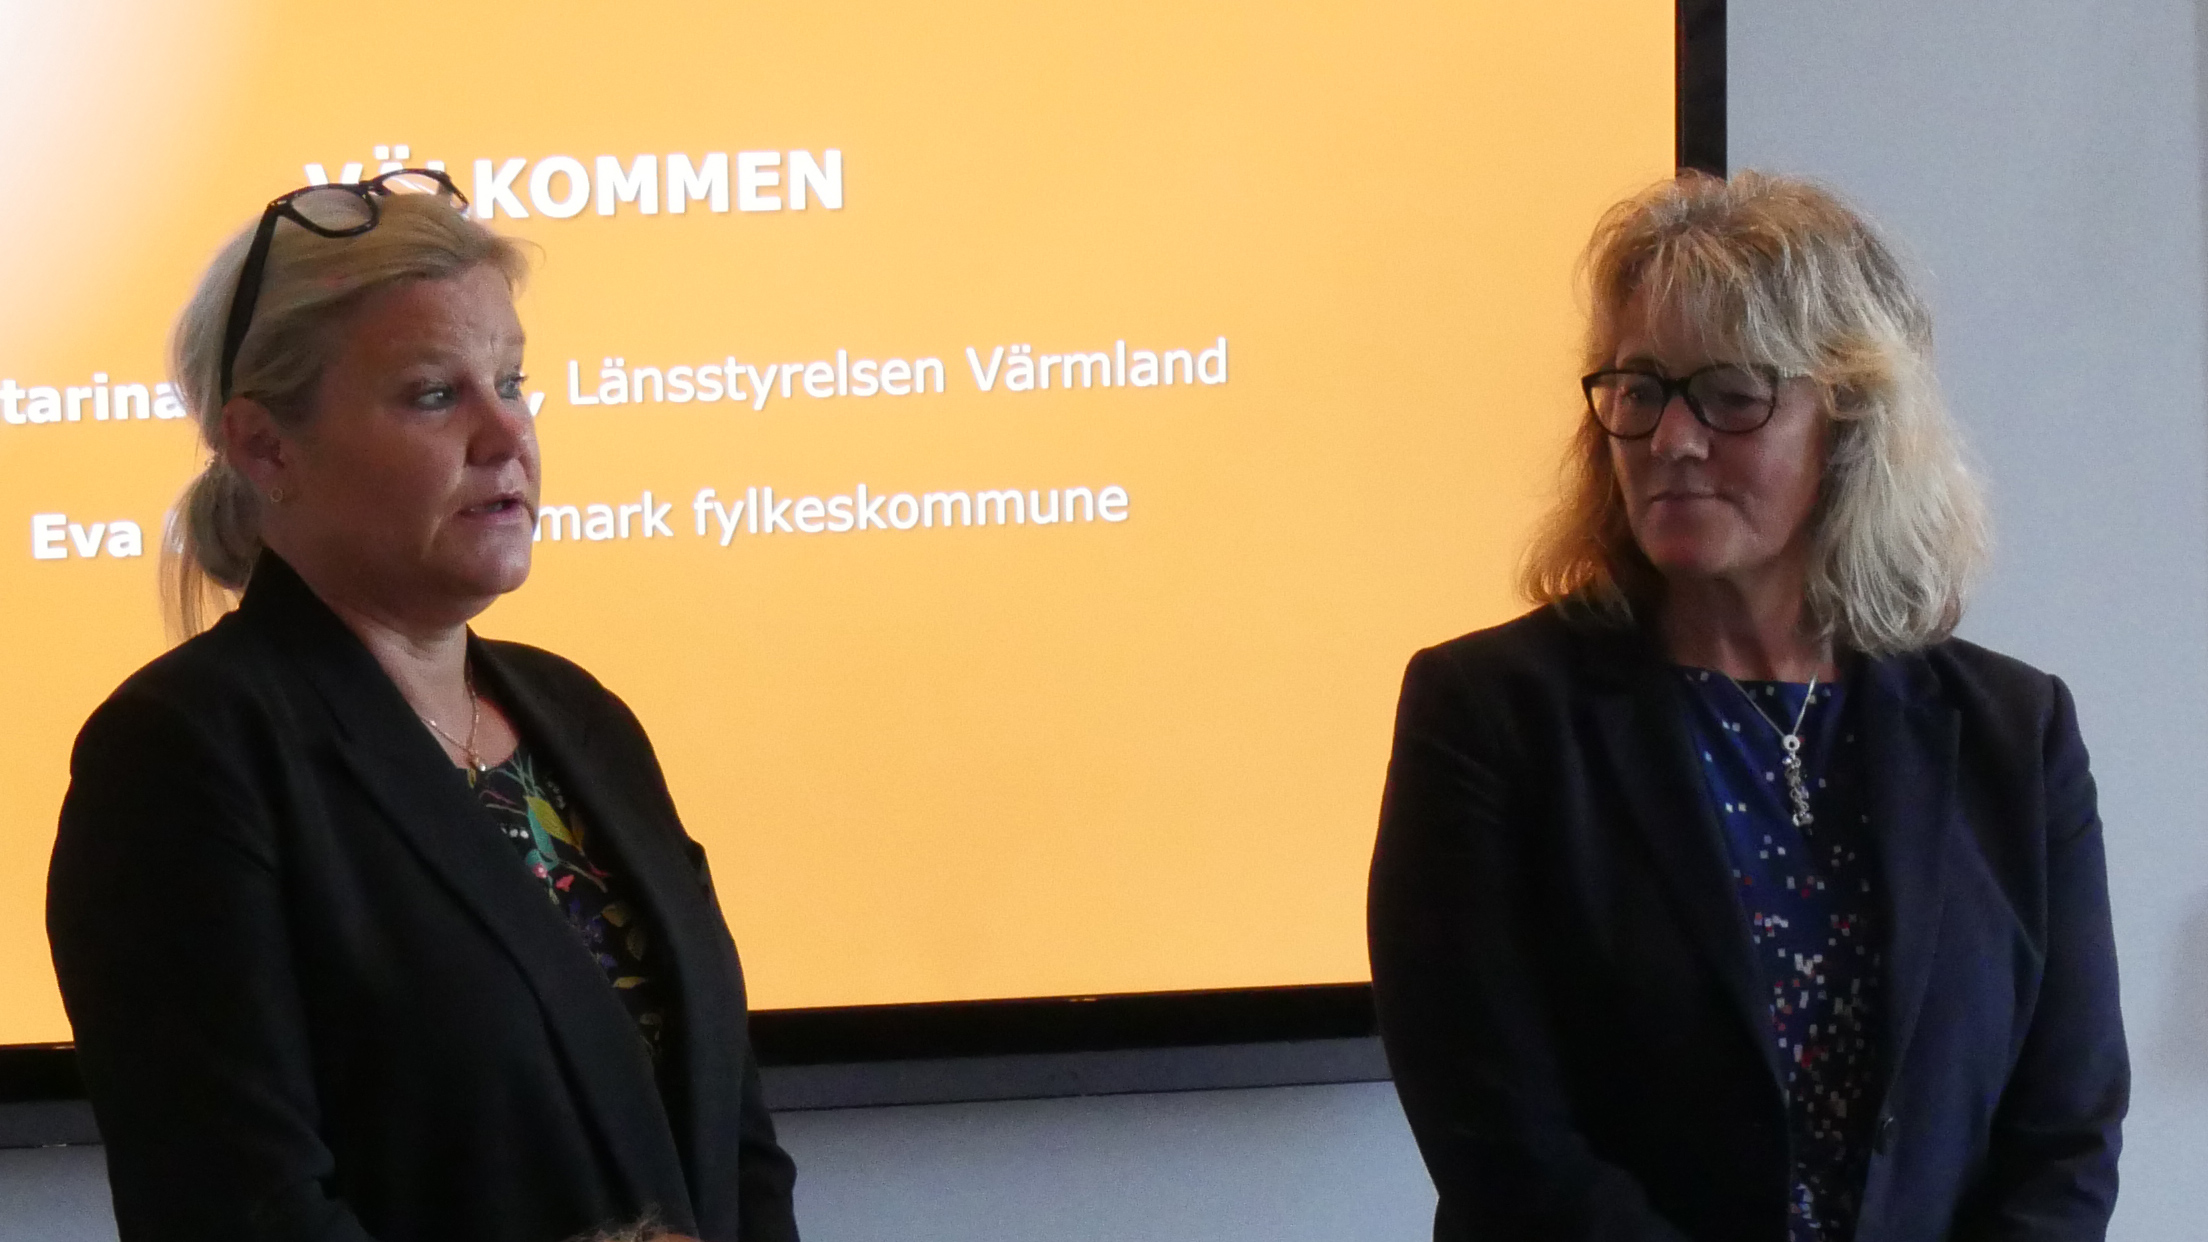 Katarina Nordmark, Länsstyrelsen Värmland och Eva Lundin, Hedmark fylkeskommune hälsar välkommen